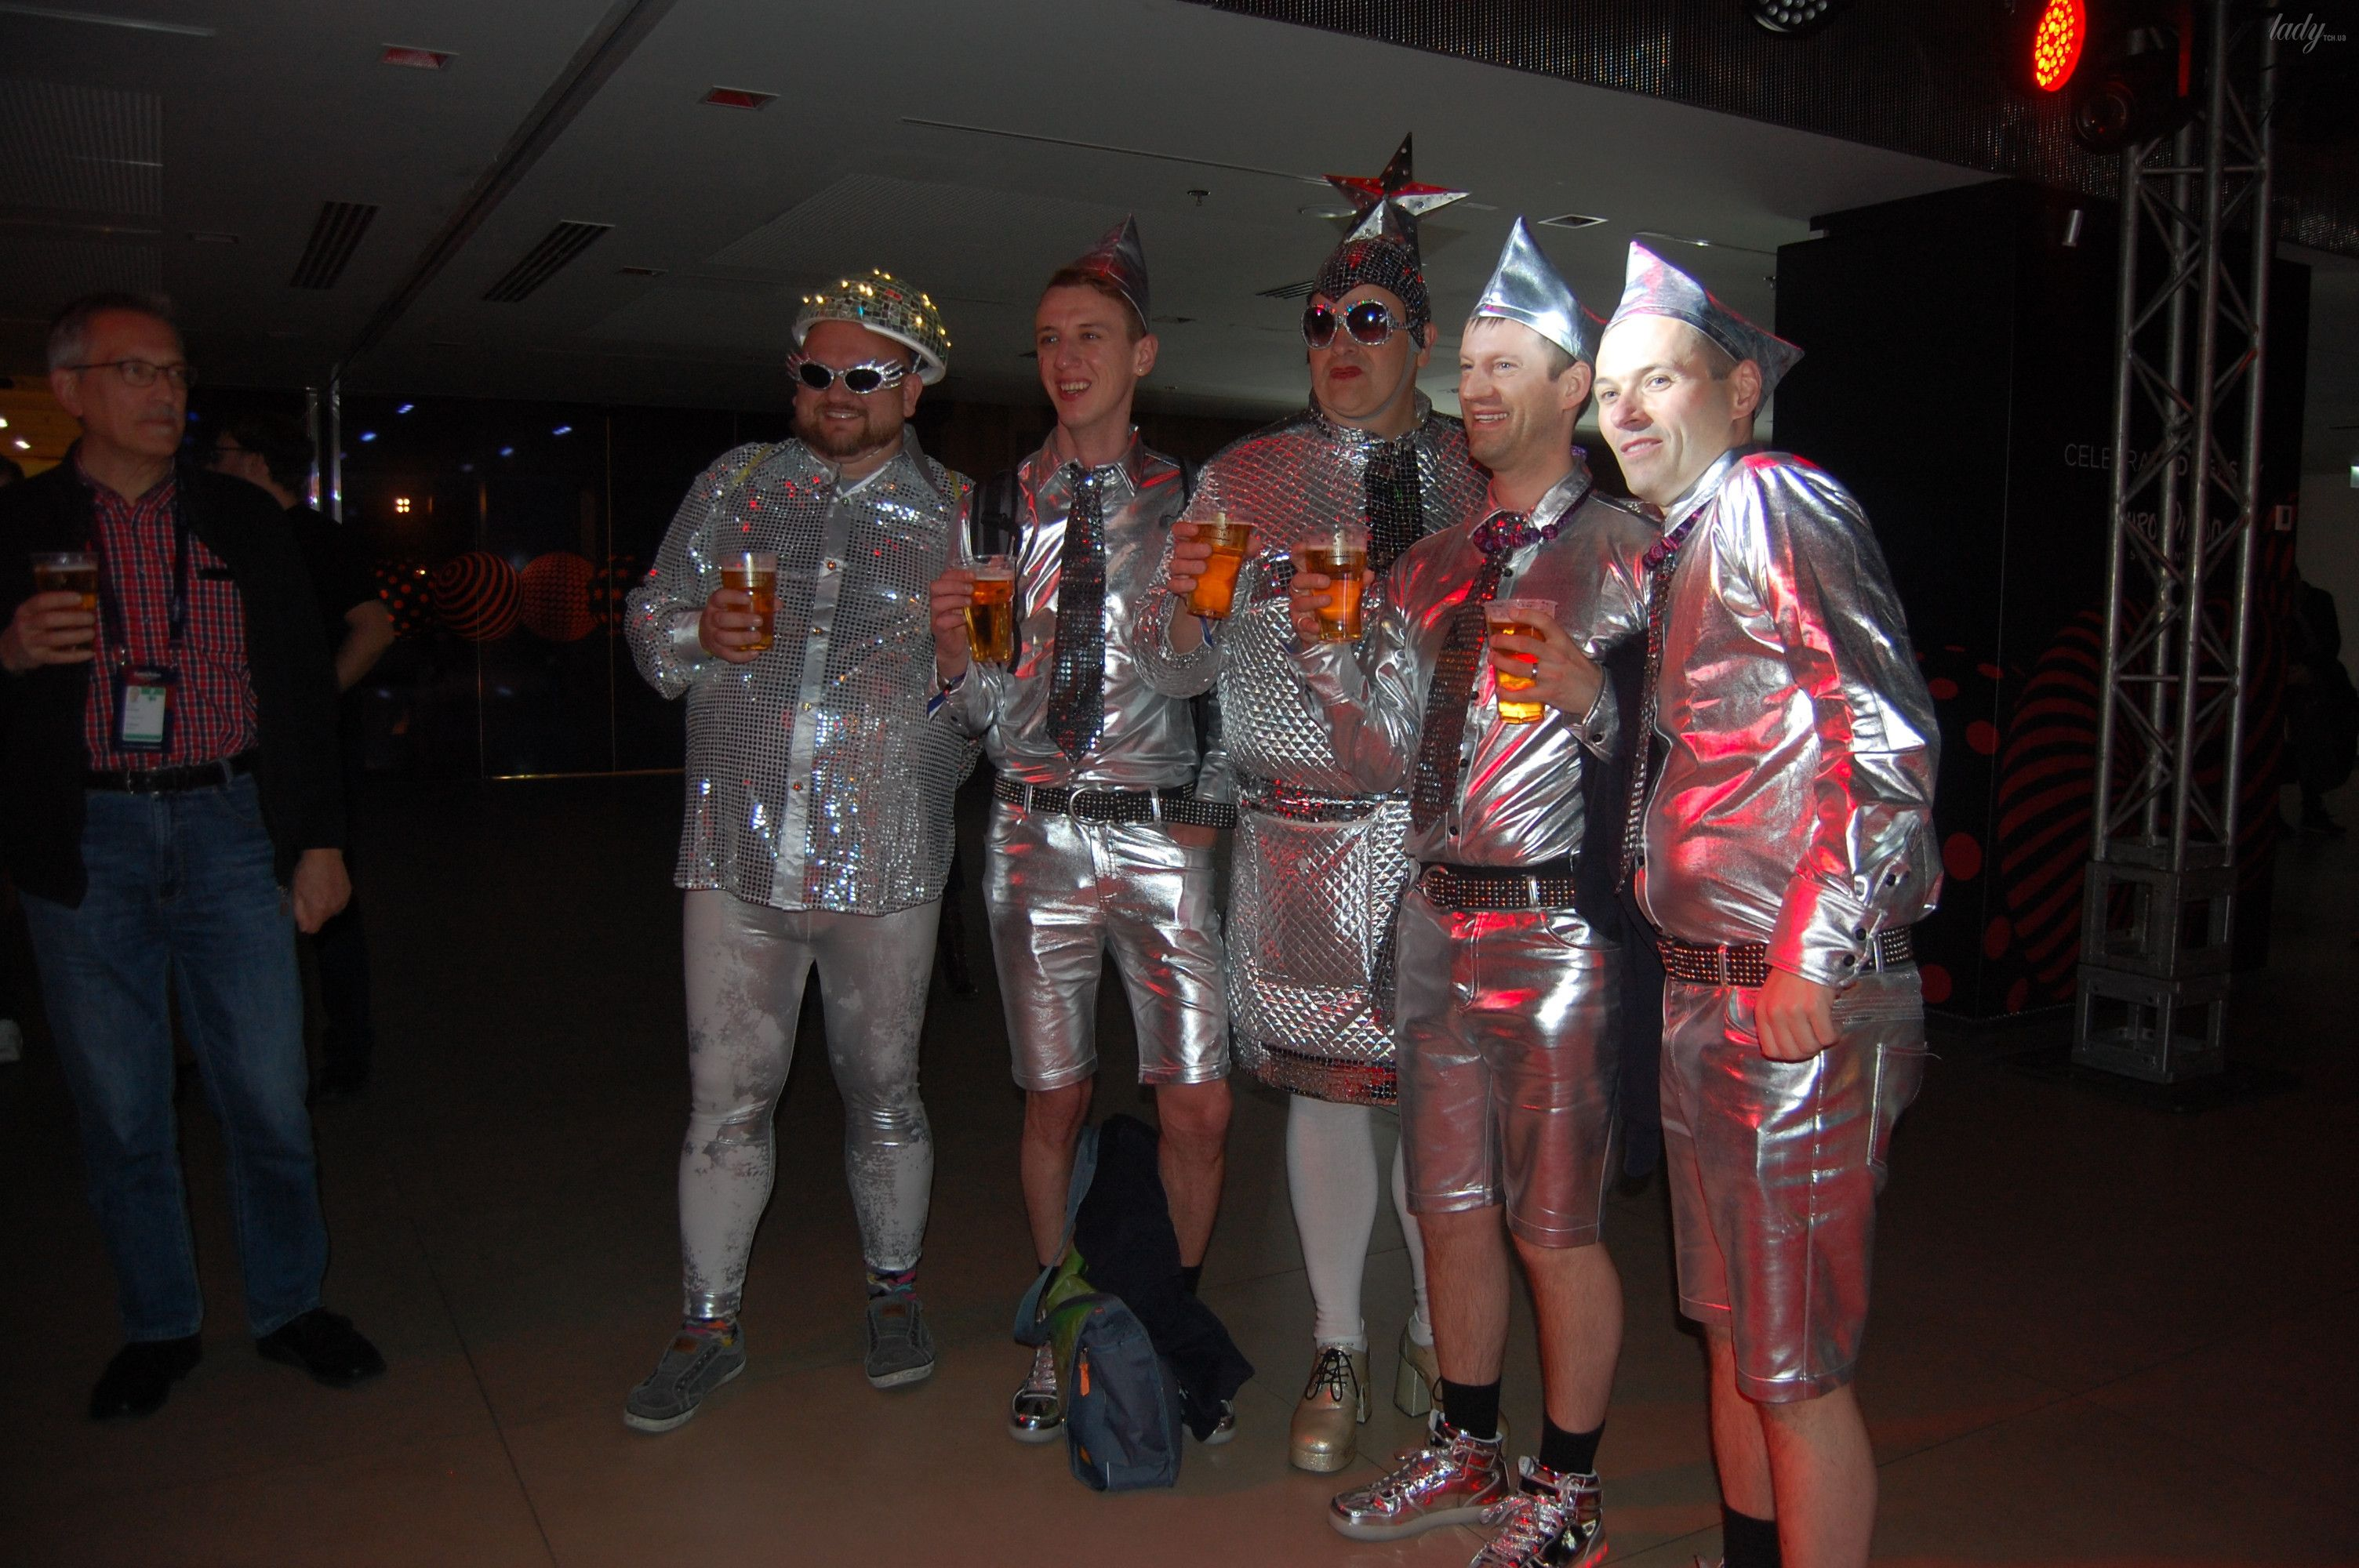 Немецкие фанаты спародировали Верку Сердючку и ее танцоров_11